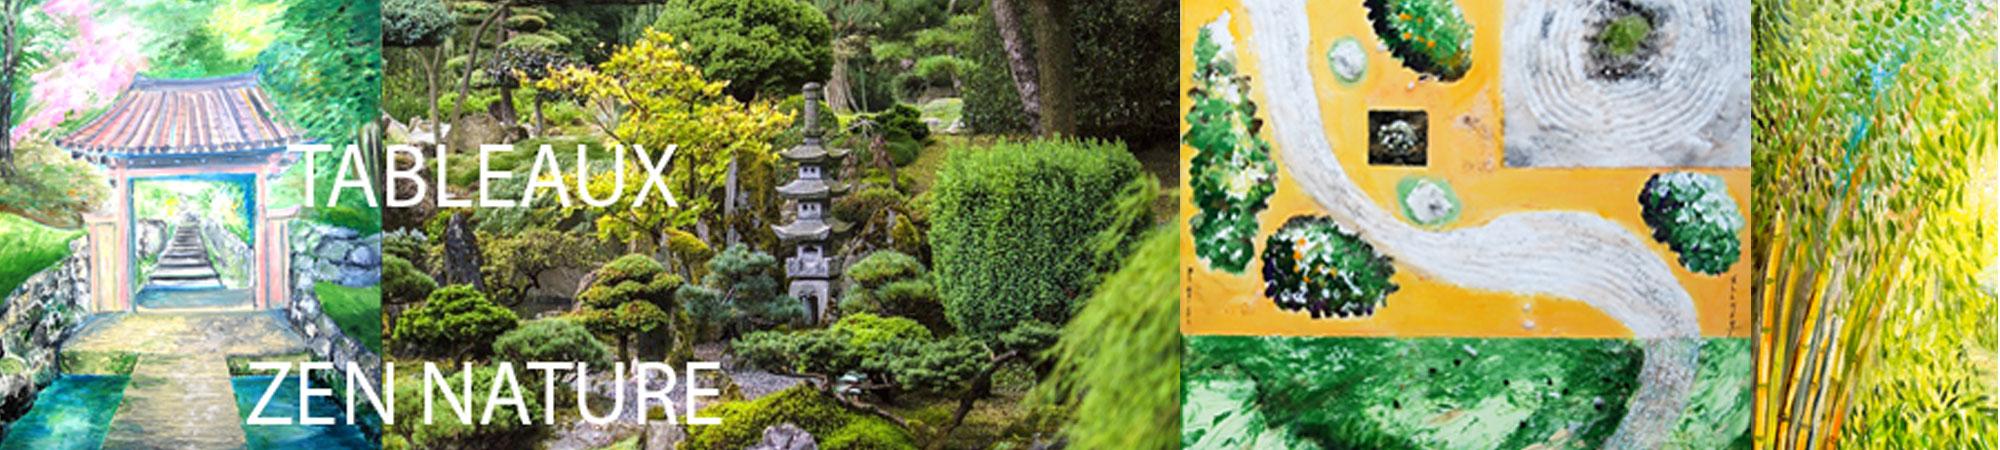 tableau-zen-nature-art-style-deco